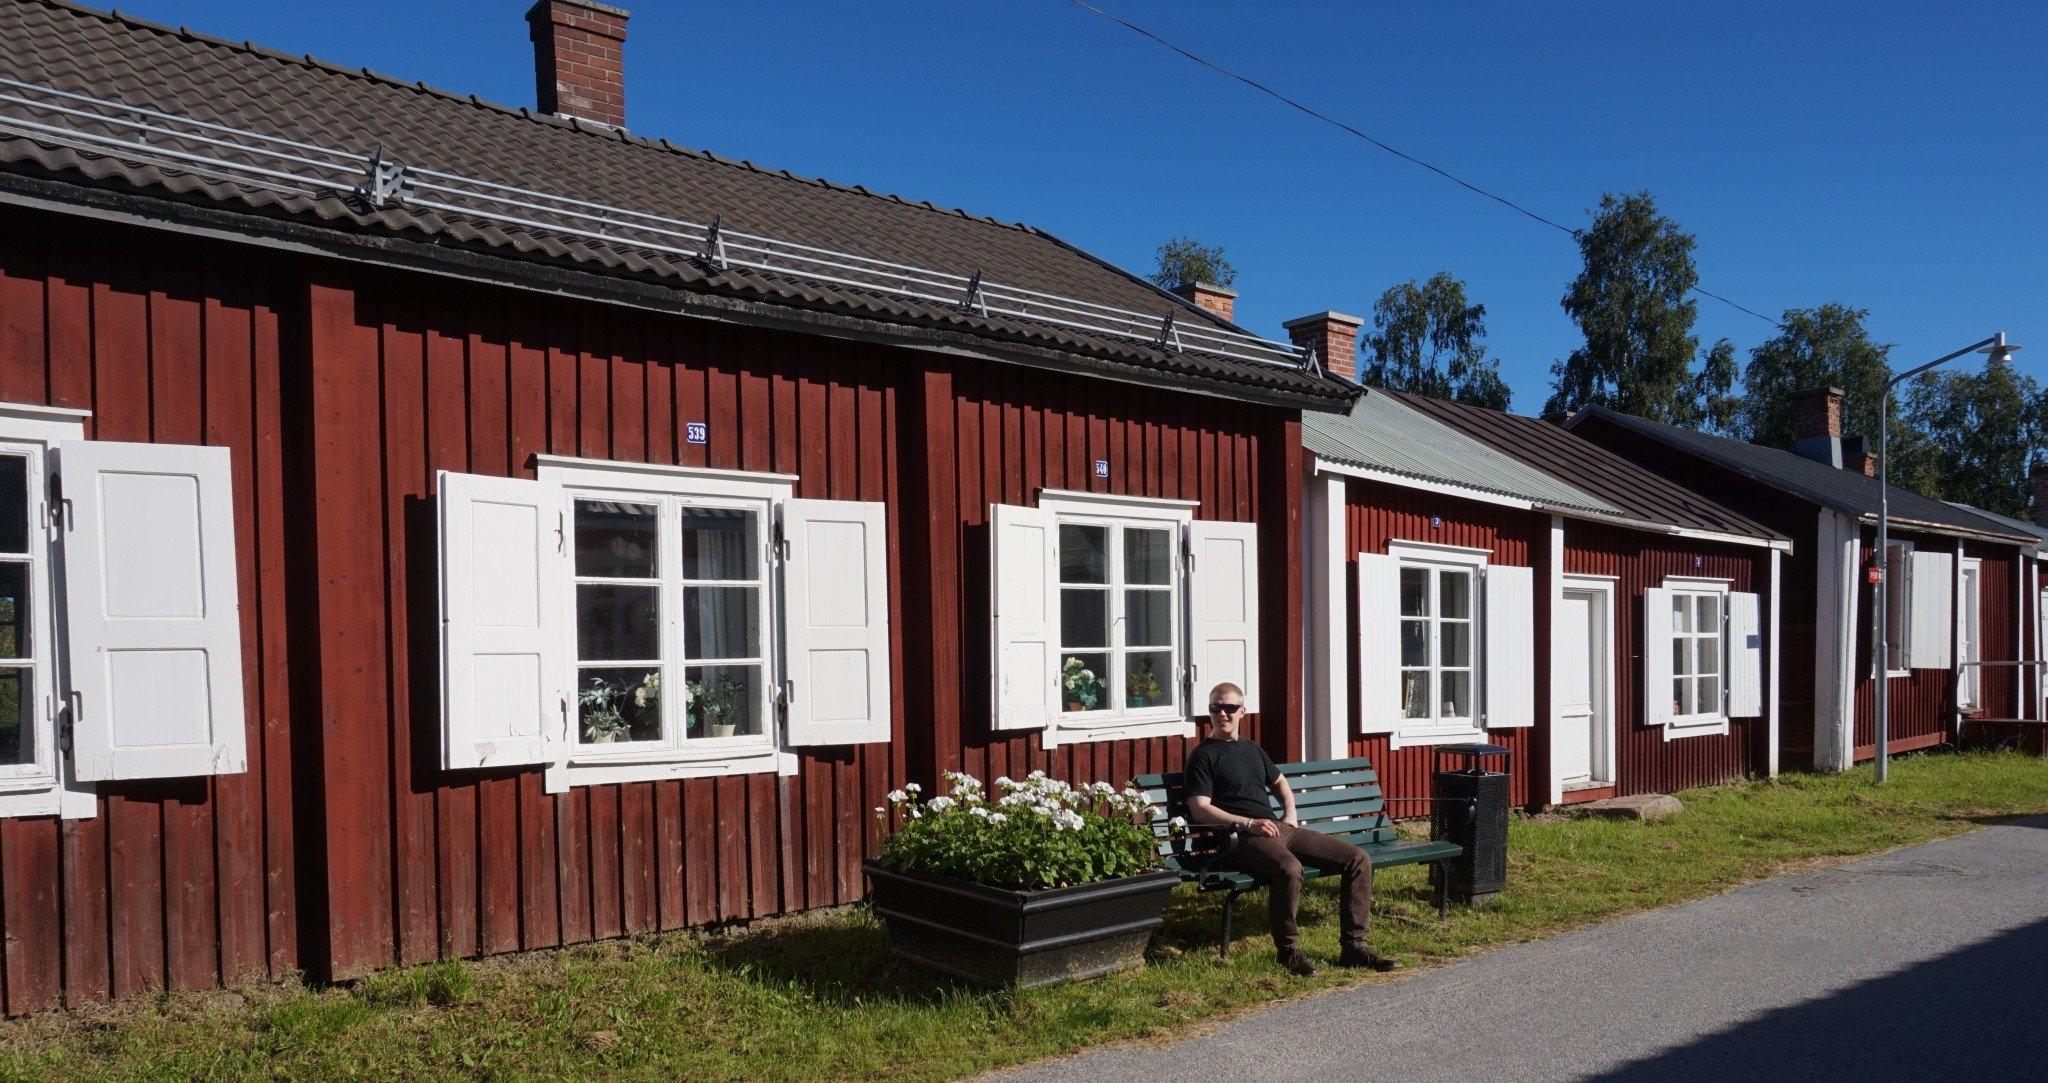 Gammelstad_luulaja_MJT (19)